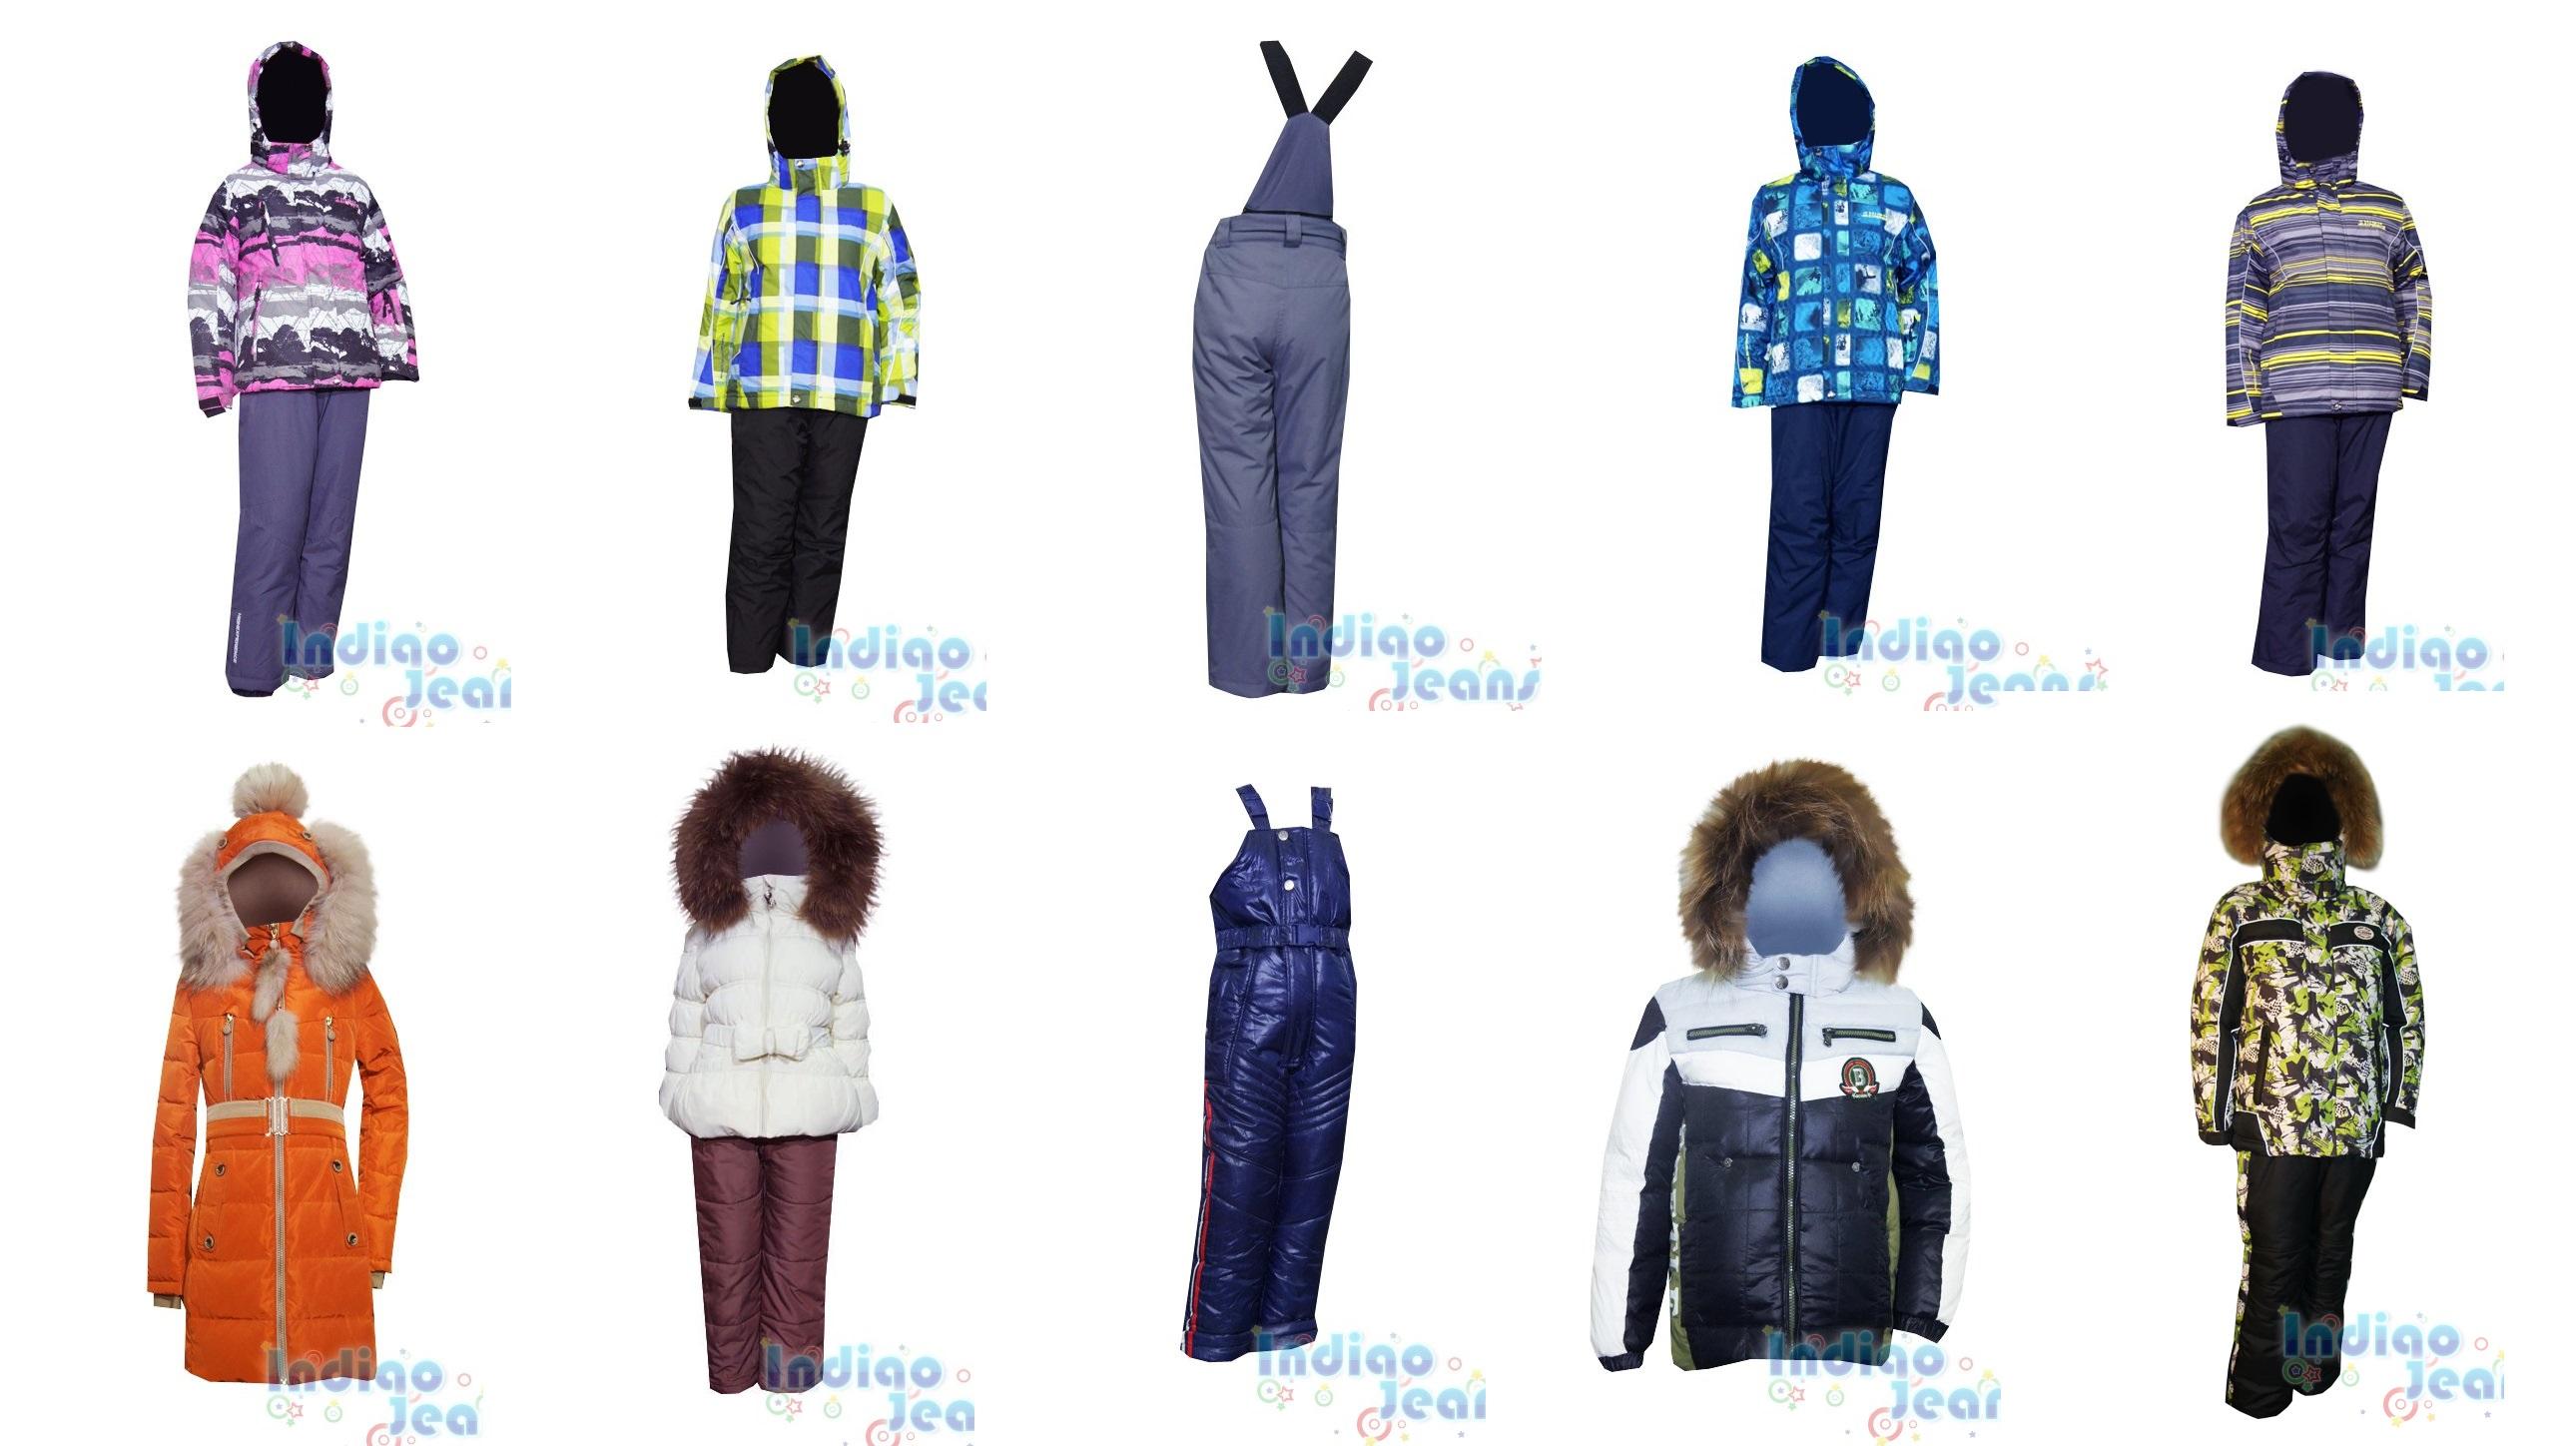 Верхняя одежда по привлекательным ценам - 3. Горнолыжные (мембранные) костюмы за 2800 руб. От 60 до 170 р-ра.